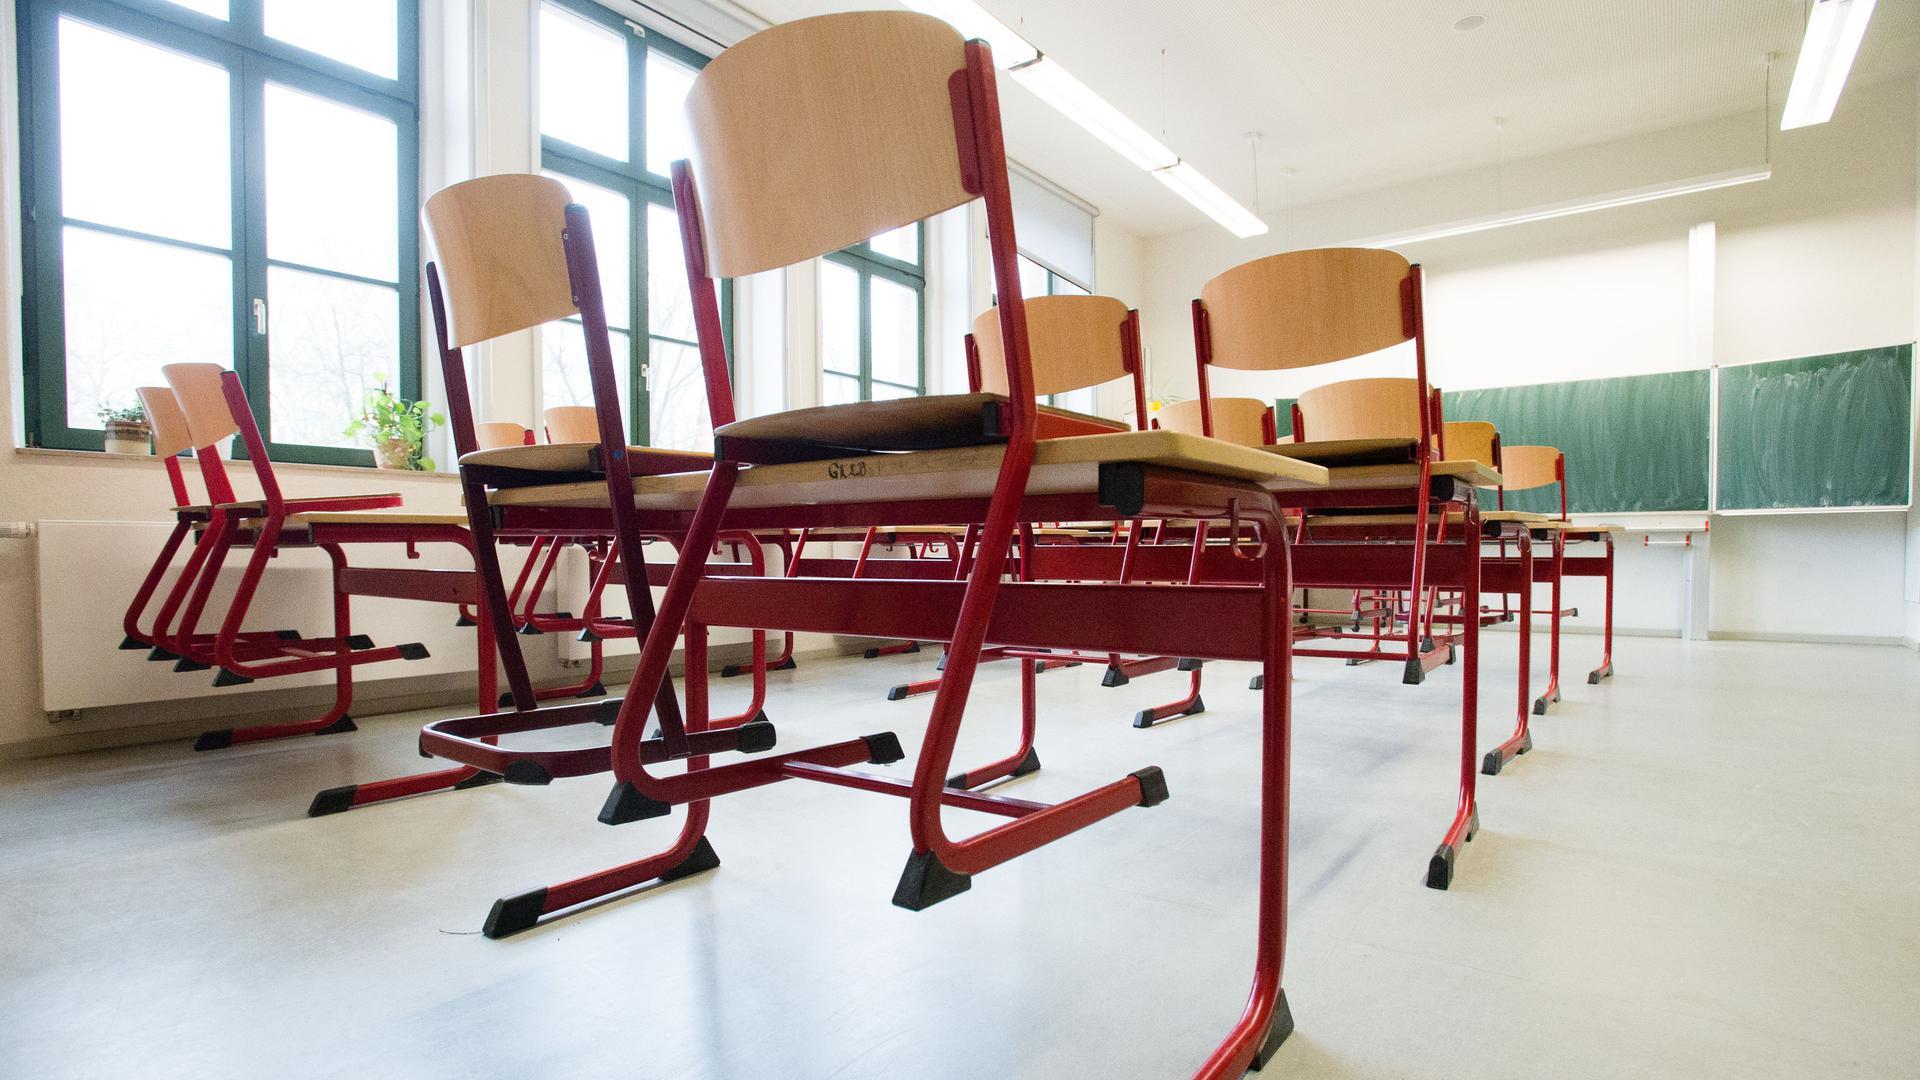 Stühle stehen auf Tischen in einem leeren Klassenzimmer einer Schule.